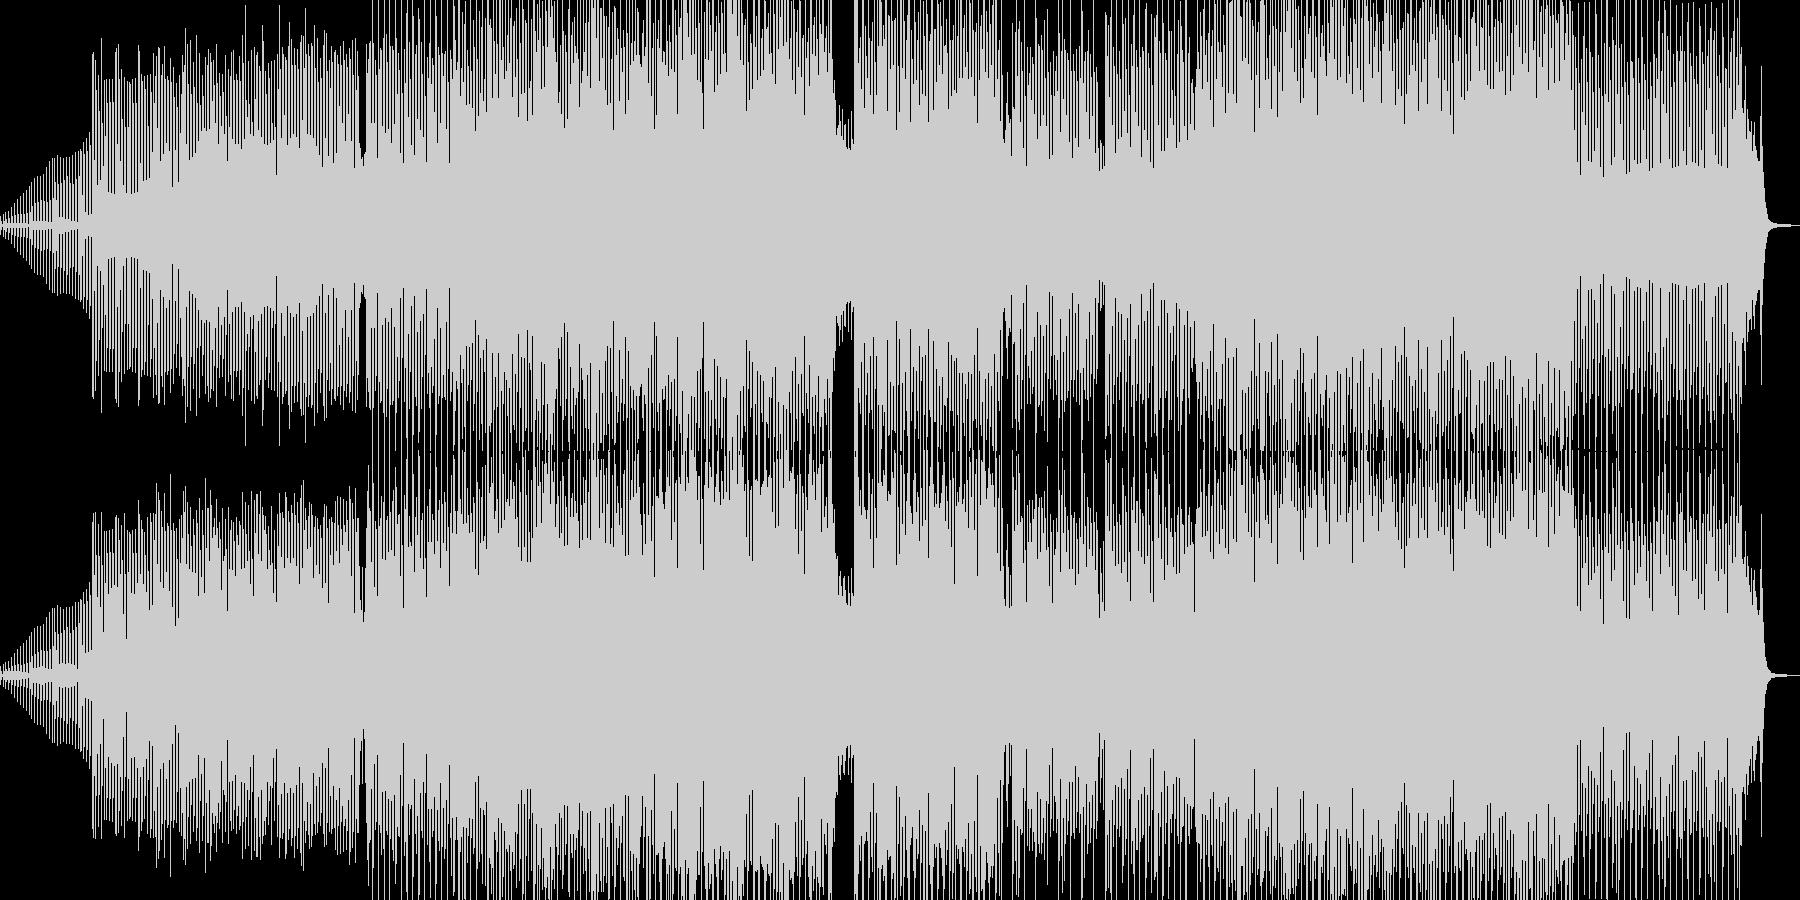 愉快な響きの琴が印象的なテクノの未再生の波形